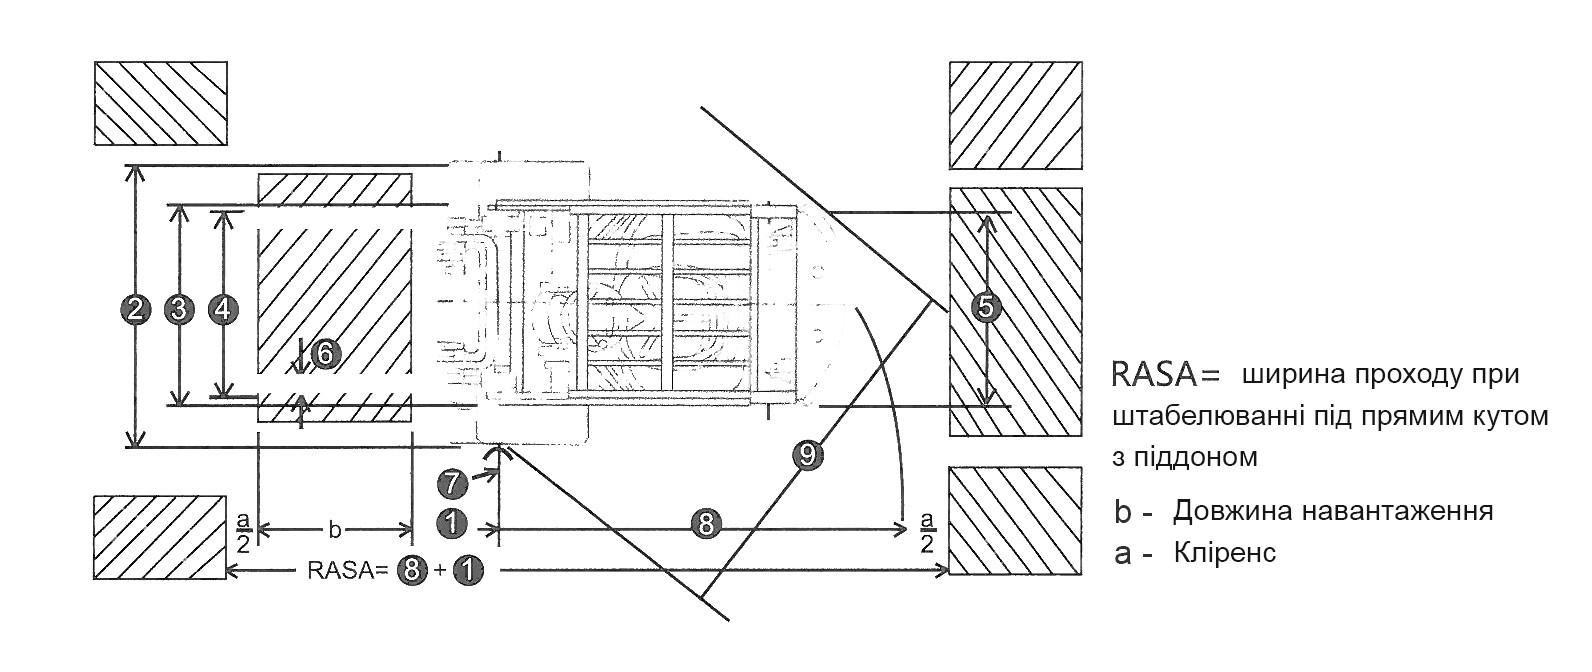 Креслення вилкового навантажувача TEREN FD20T | Чертеж вилочного погрузчика TEREN FD20T